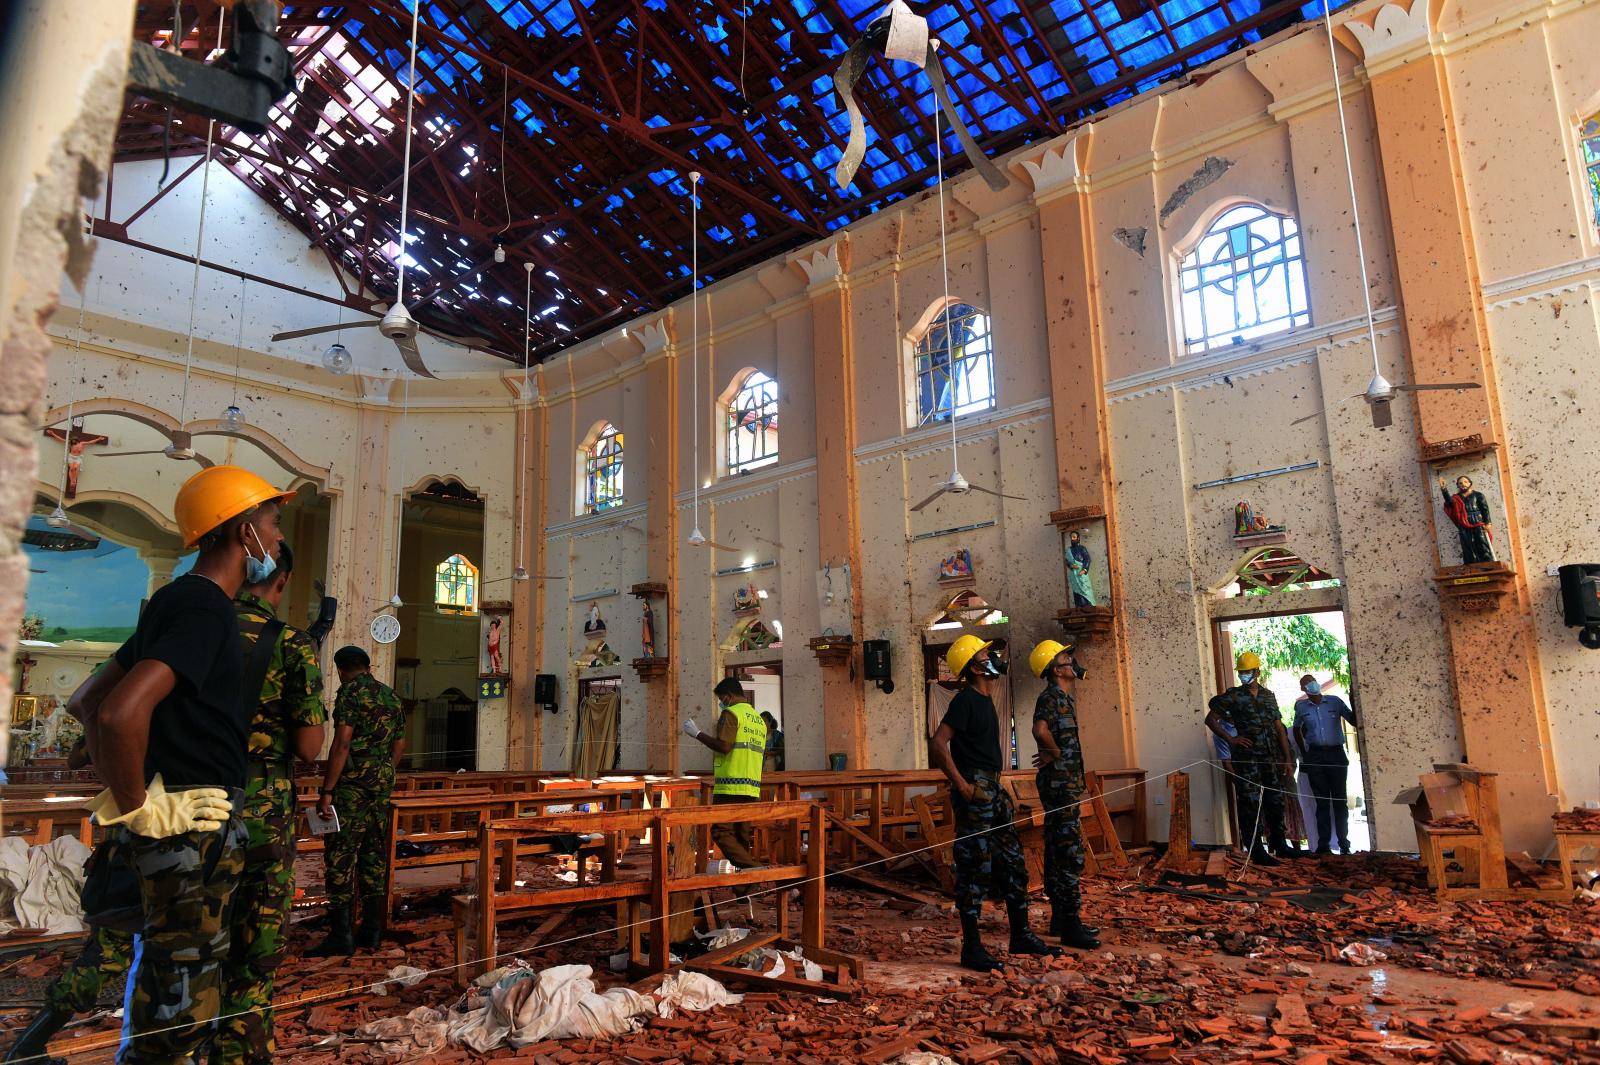 Sri Lanka Easter Sunday Church bombings